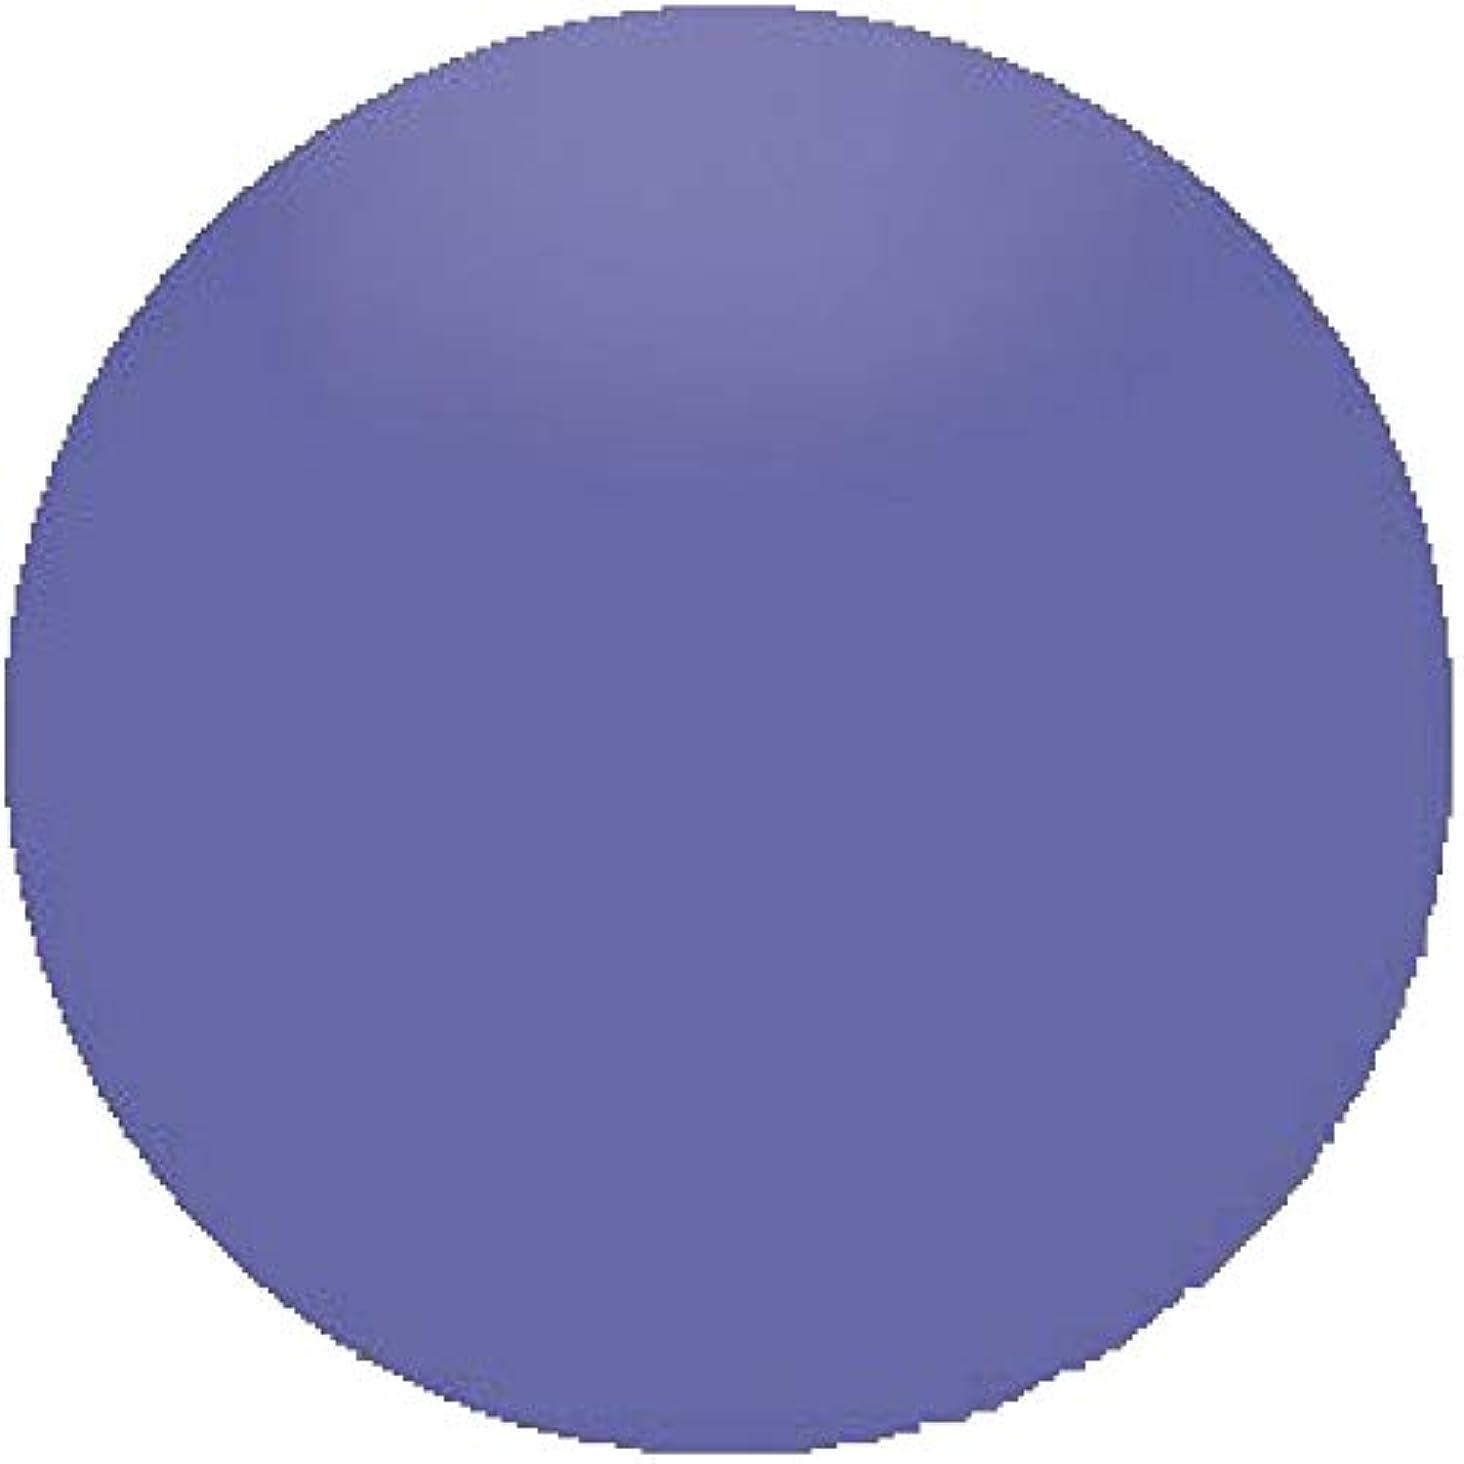 理想的には弱める優しいEntity One Color Couture Gel Polish - Look at Me, Look at Me - 0.5oz / 15ml